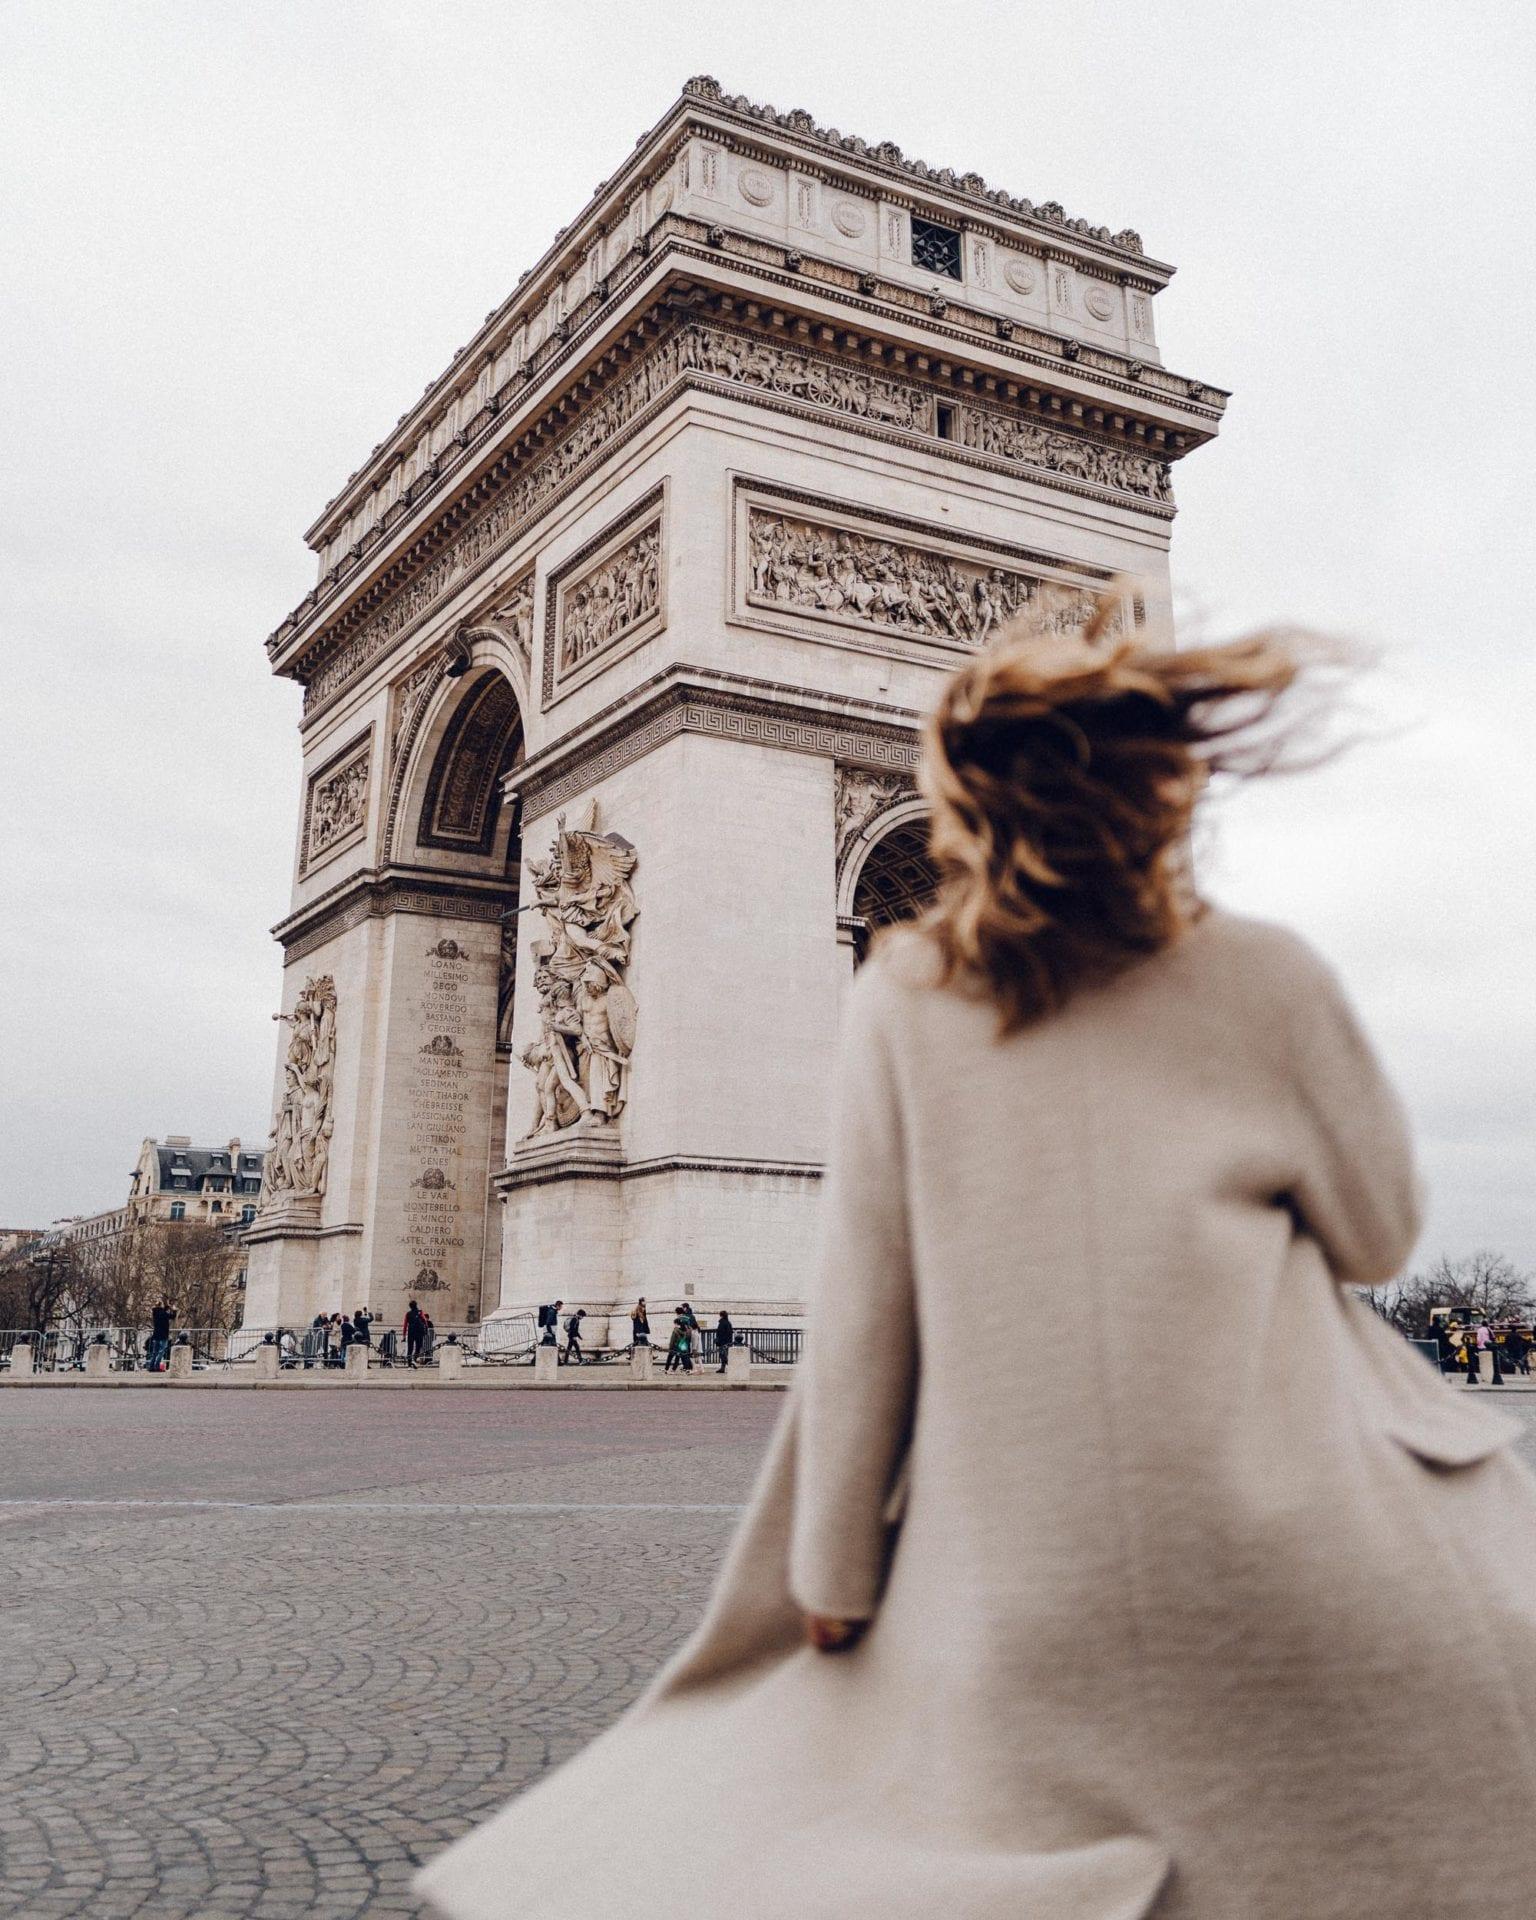 Arc De Triomphe in Paris via Find Us Lost